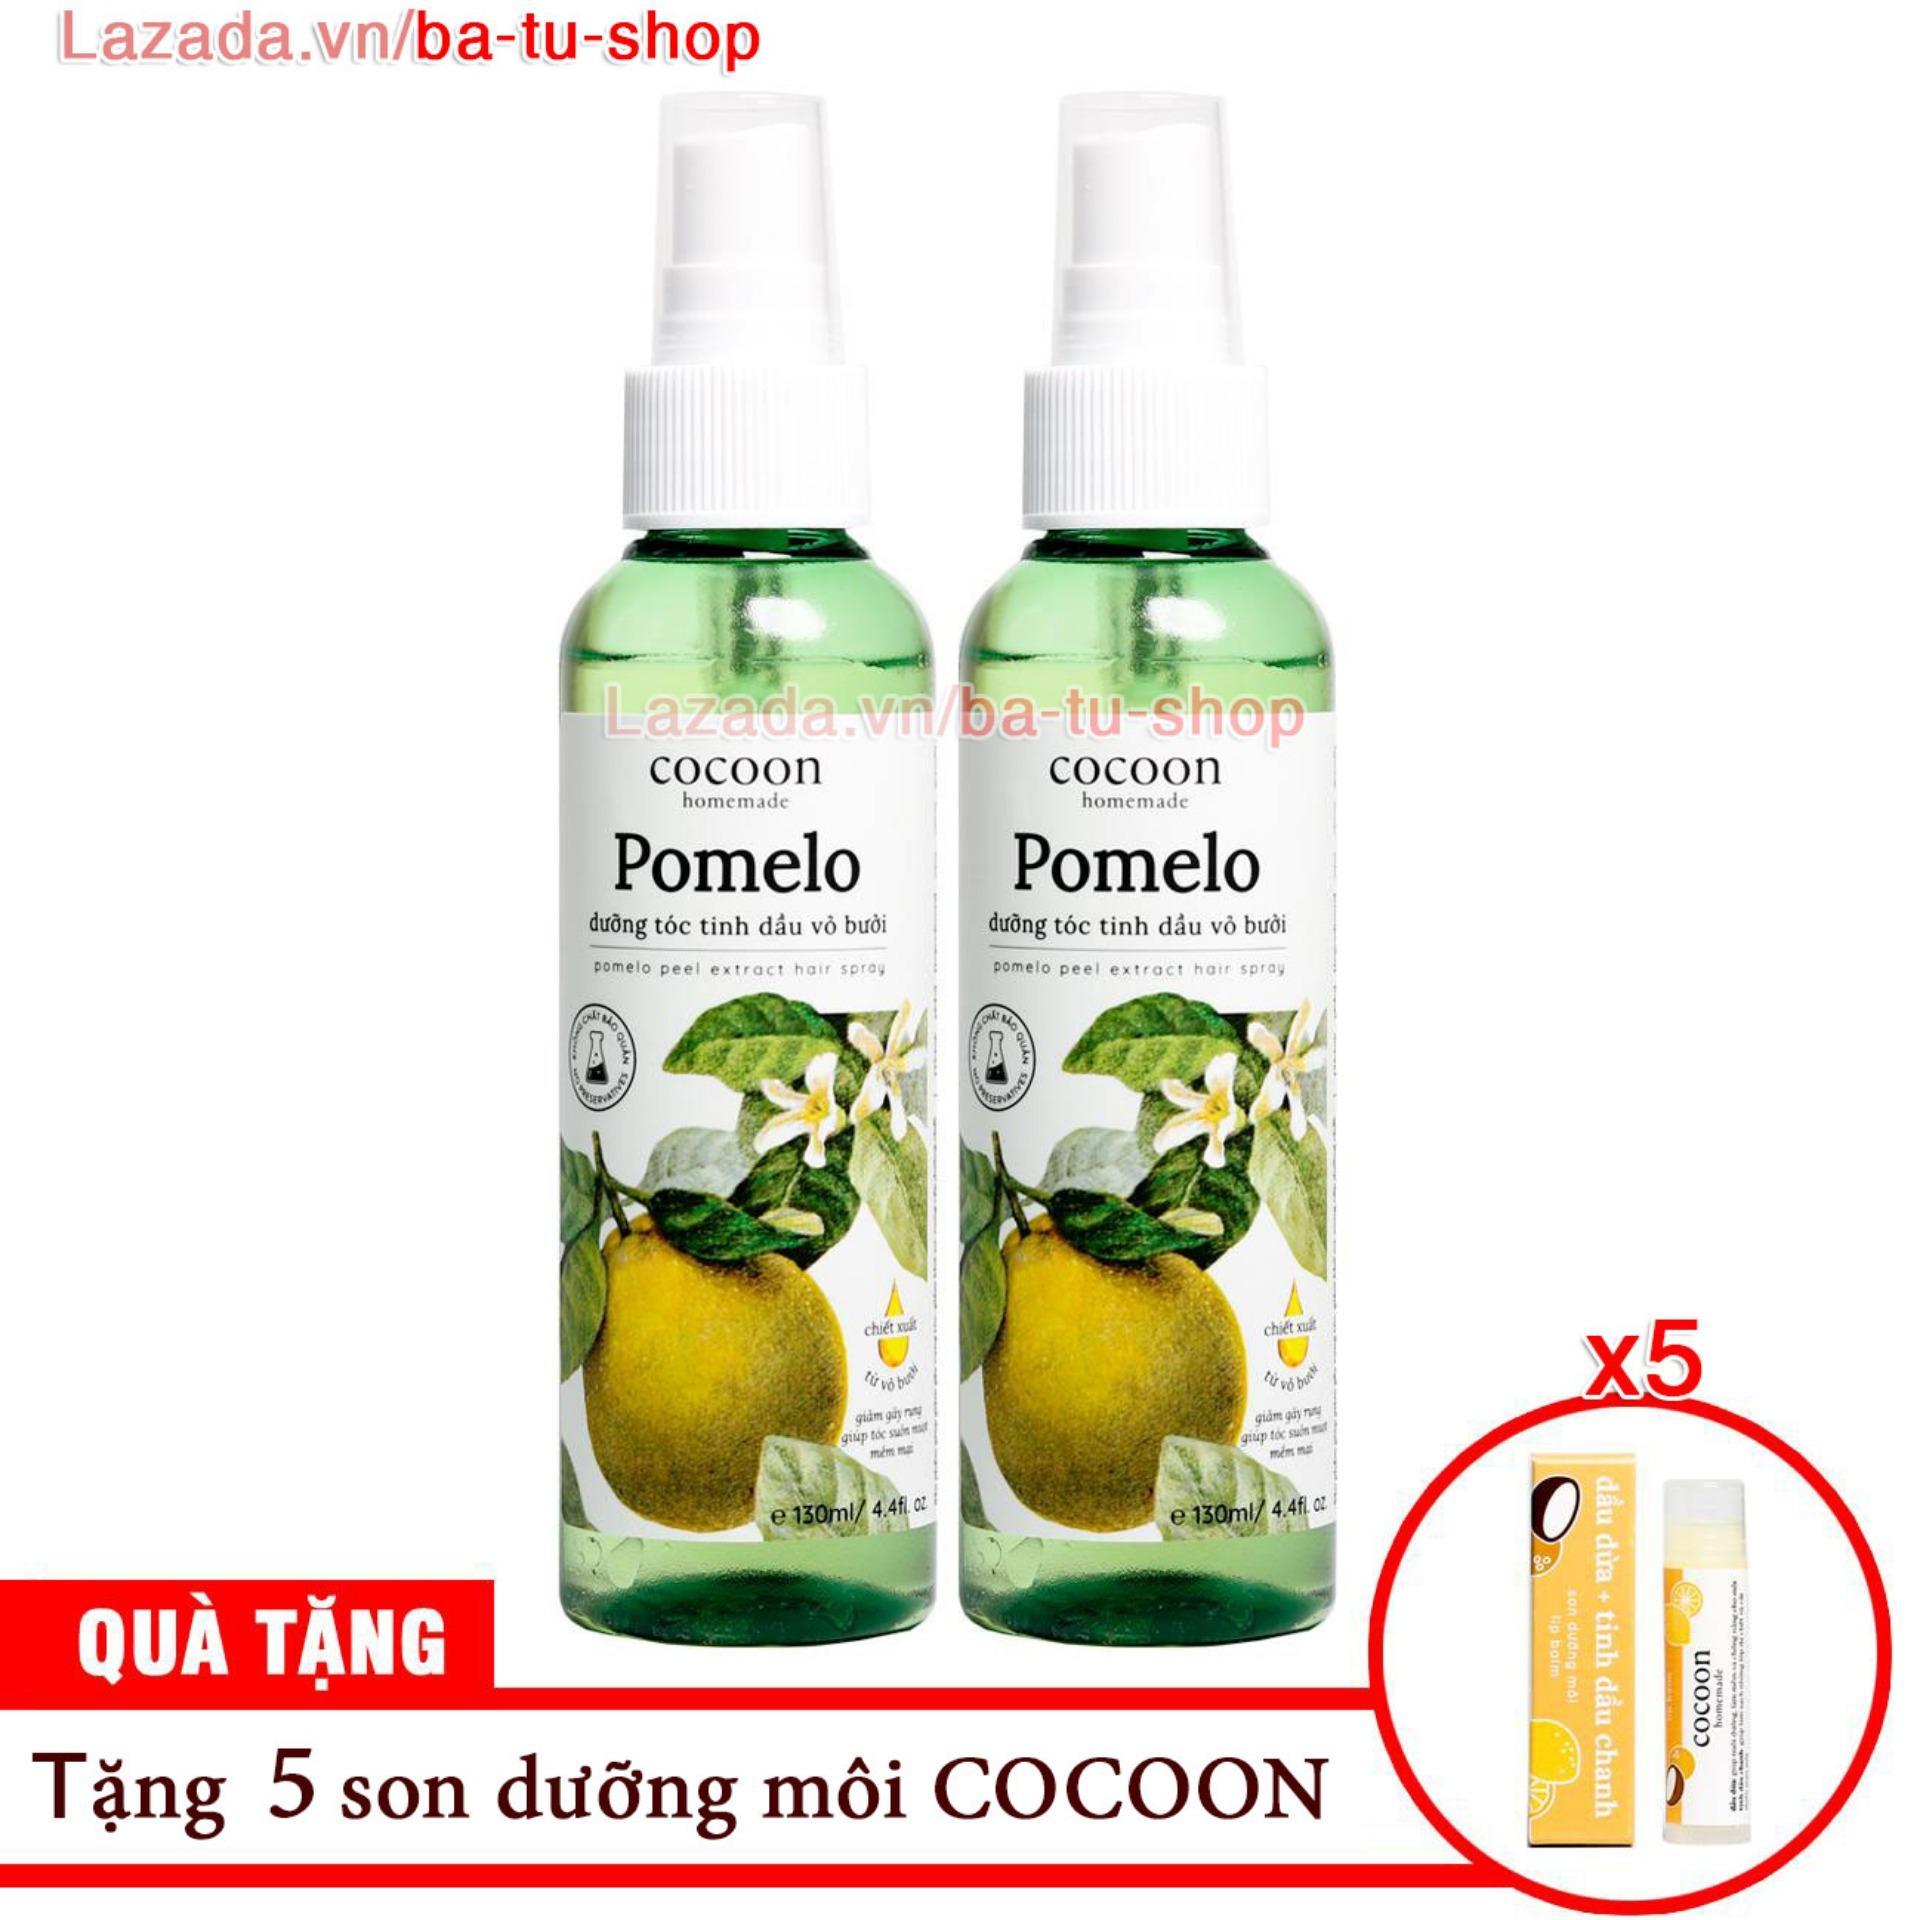 Bộ 2 chai Cocoon tinh dầu bưởi pomelo quà tặng 5 son dưỡng môi Lip Care